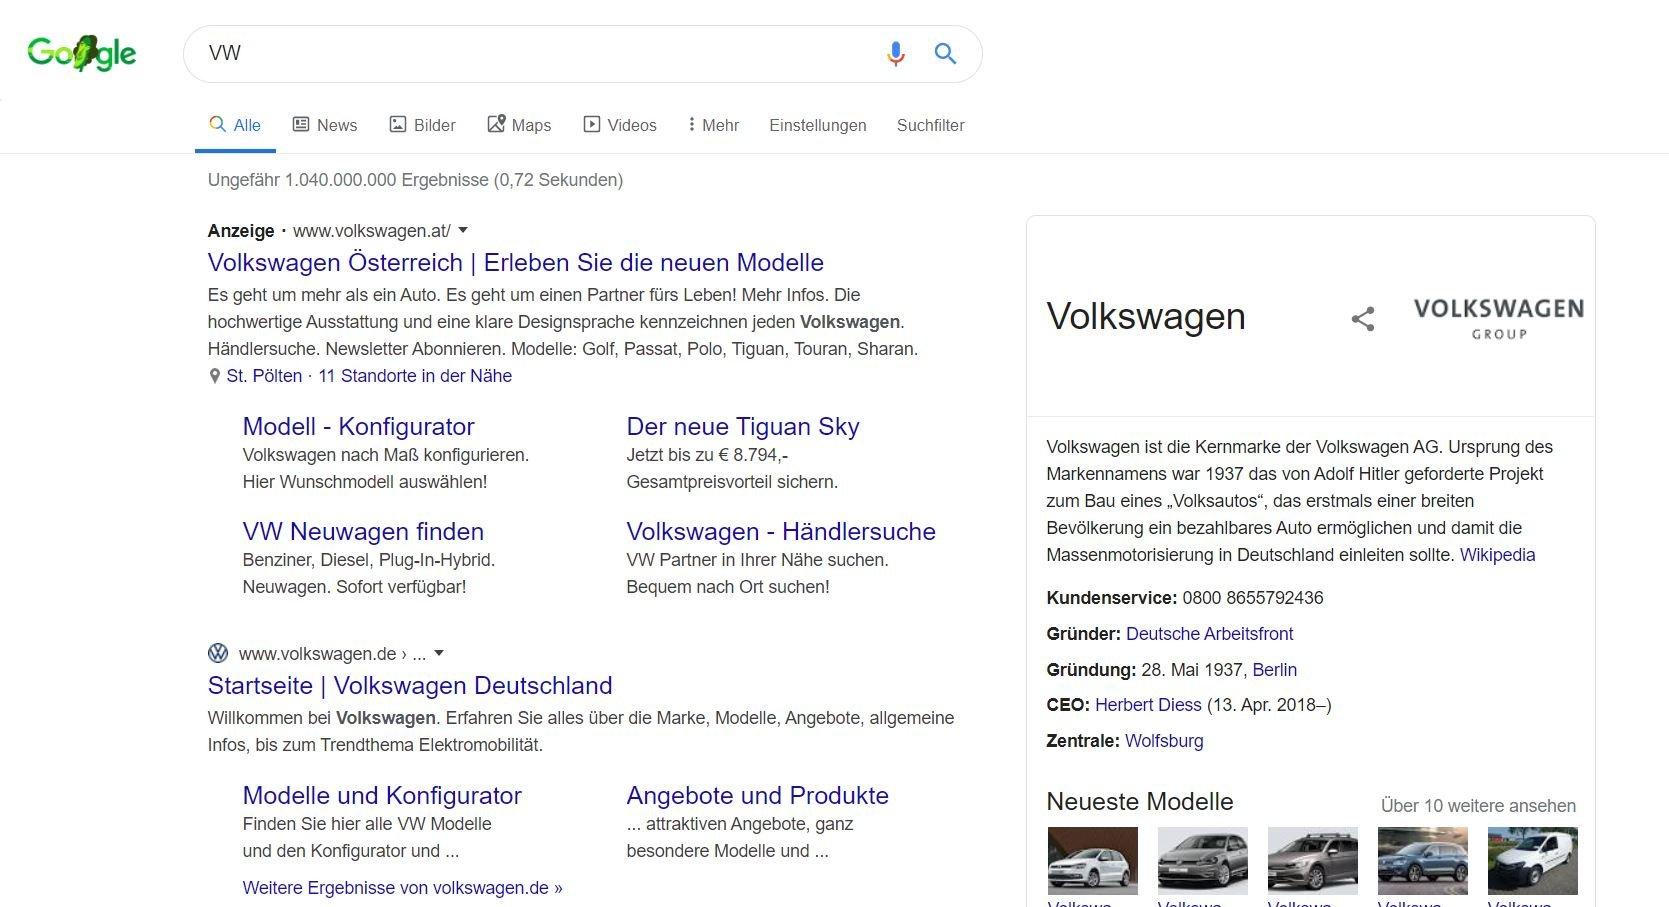 google ads und suchergebnisse